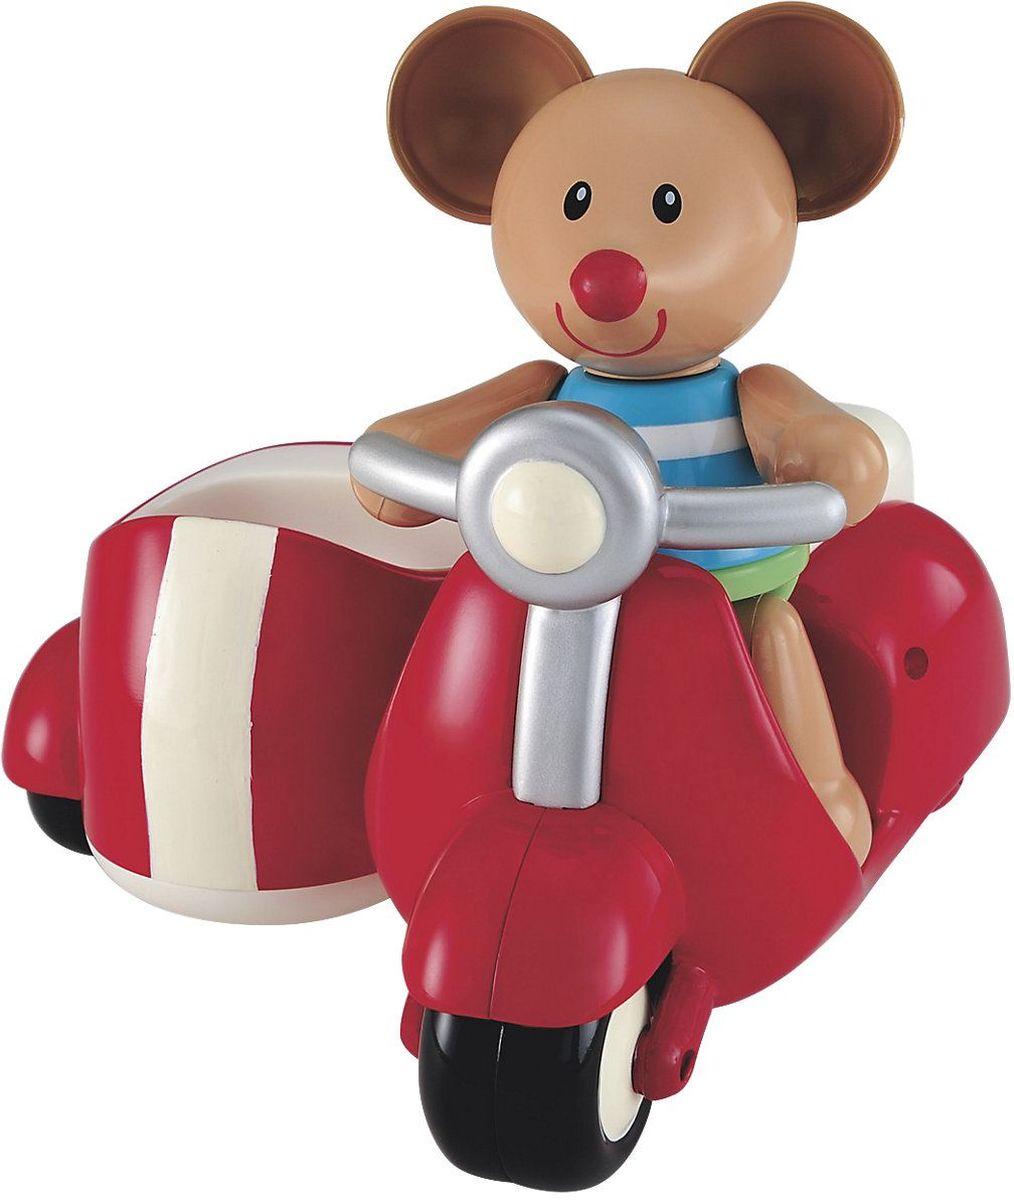 ELC Развивающая игрушка Мышка на скутере цвет красный138965Красочная развивающая игрушка ELC Мышка на скутере несомненно порадует каждого ребенка. Ноги, руки и голова мышки двигаются (раздаются щелчки), а ушки сделаны из мягкой резины. Игрушка прекрасно подходит для развития мелкой моторики и воображения ребенка. Удобна для держания маленькой детской ручкой.